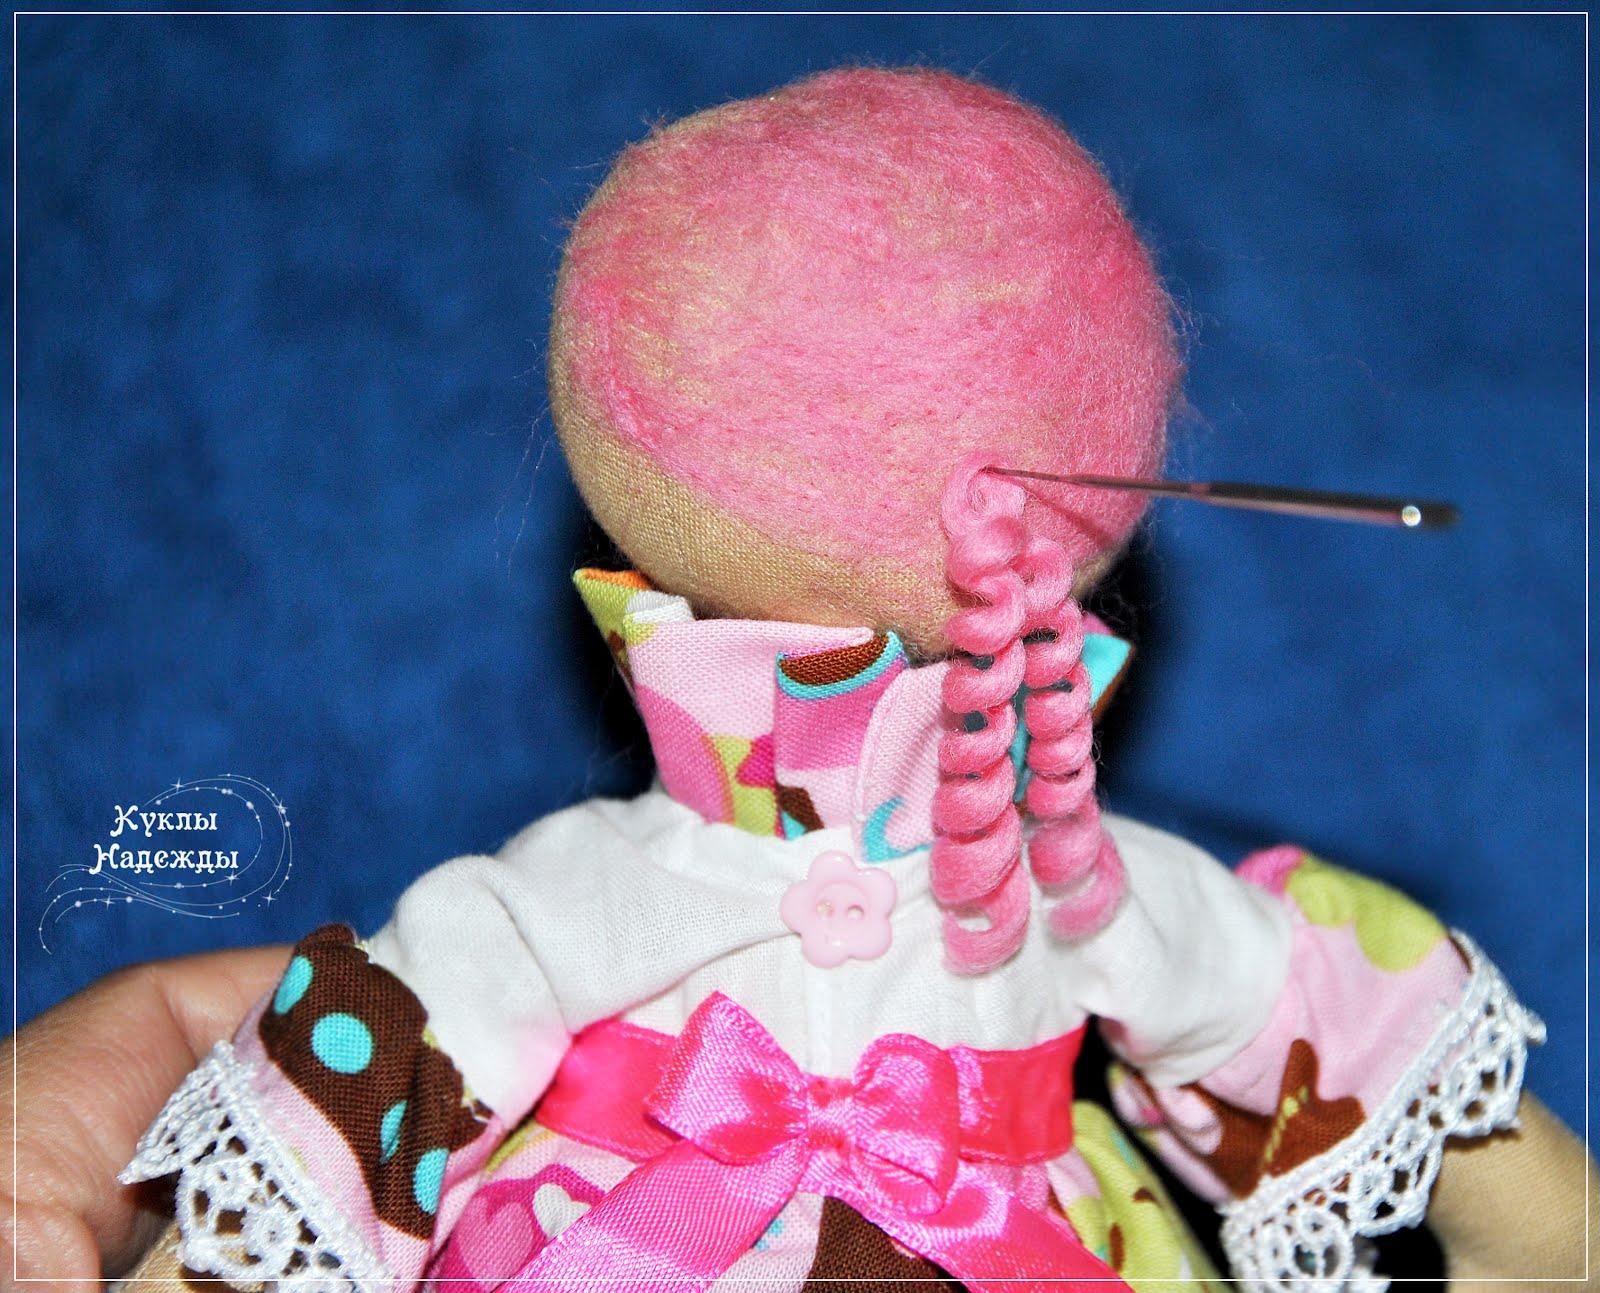 Как кукле сделать кудряшки